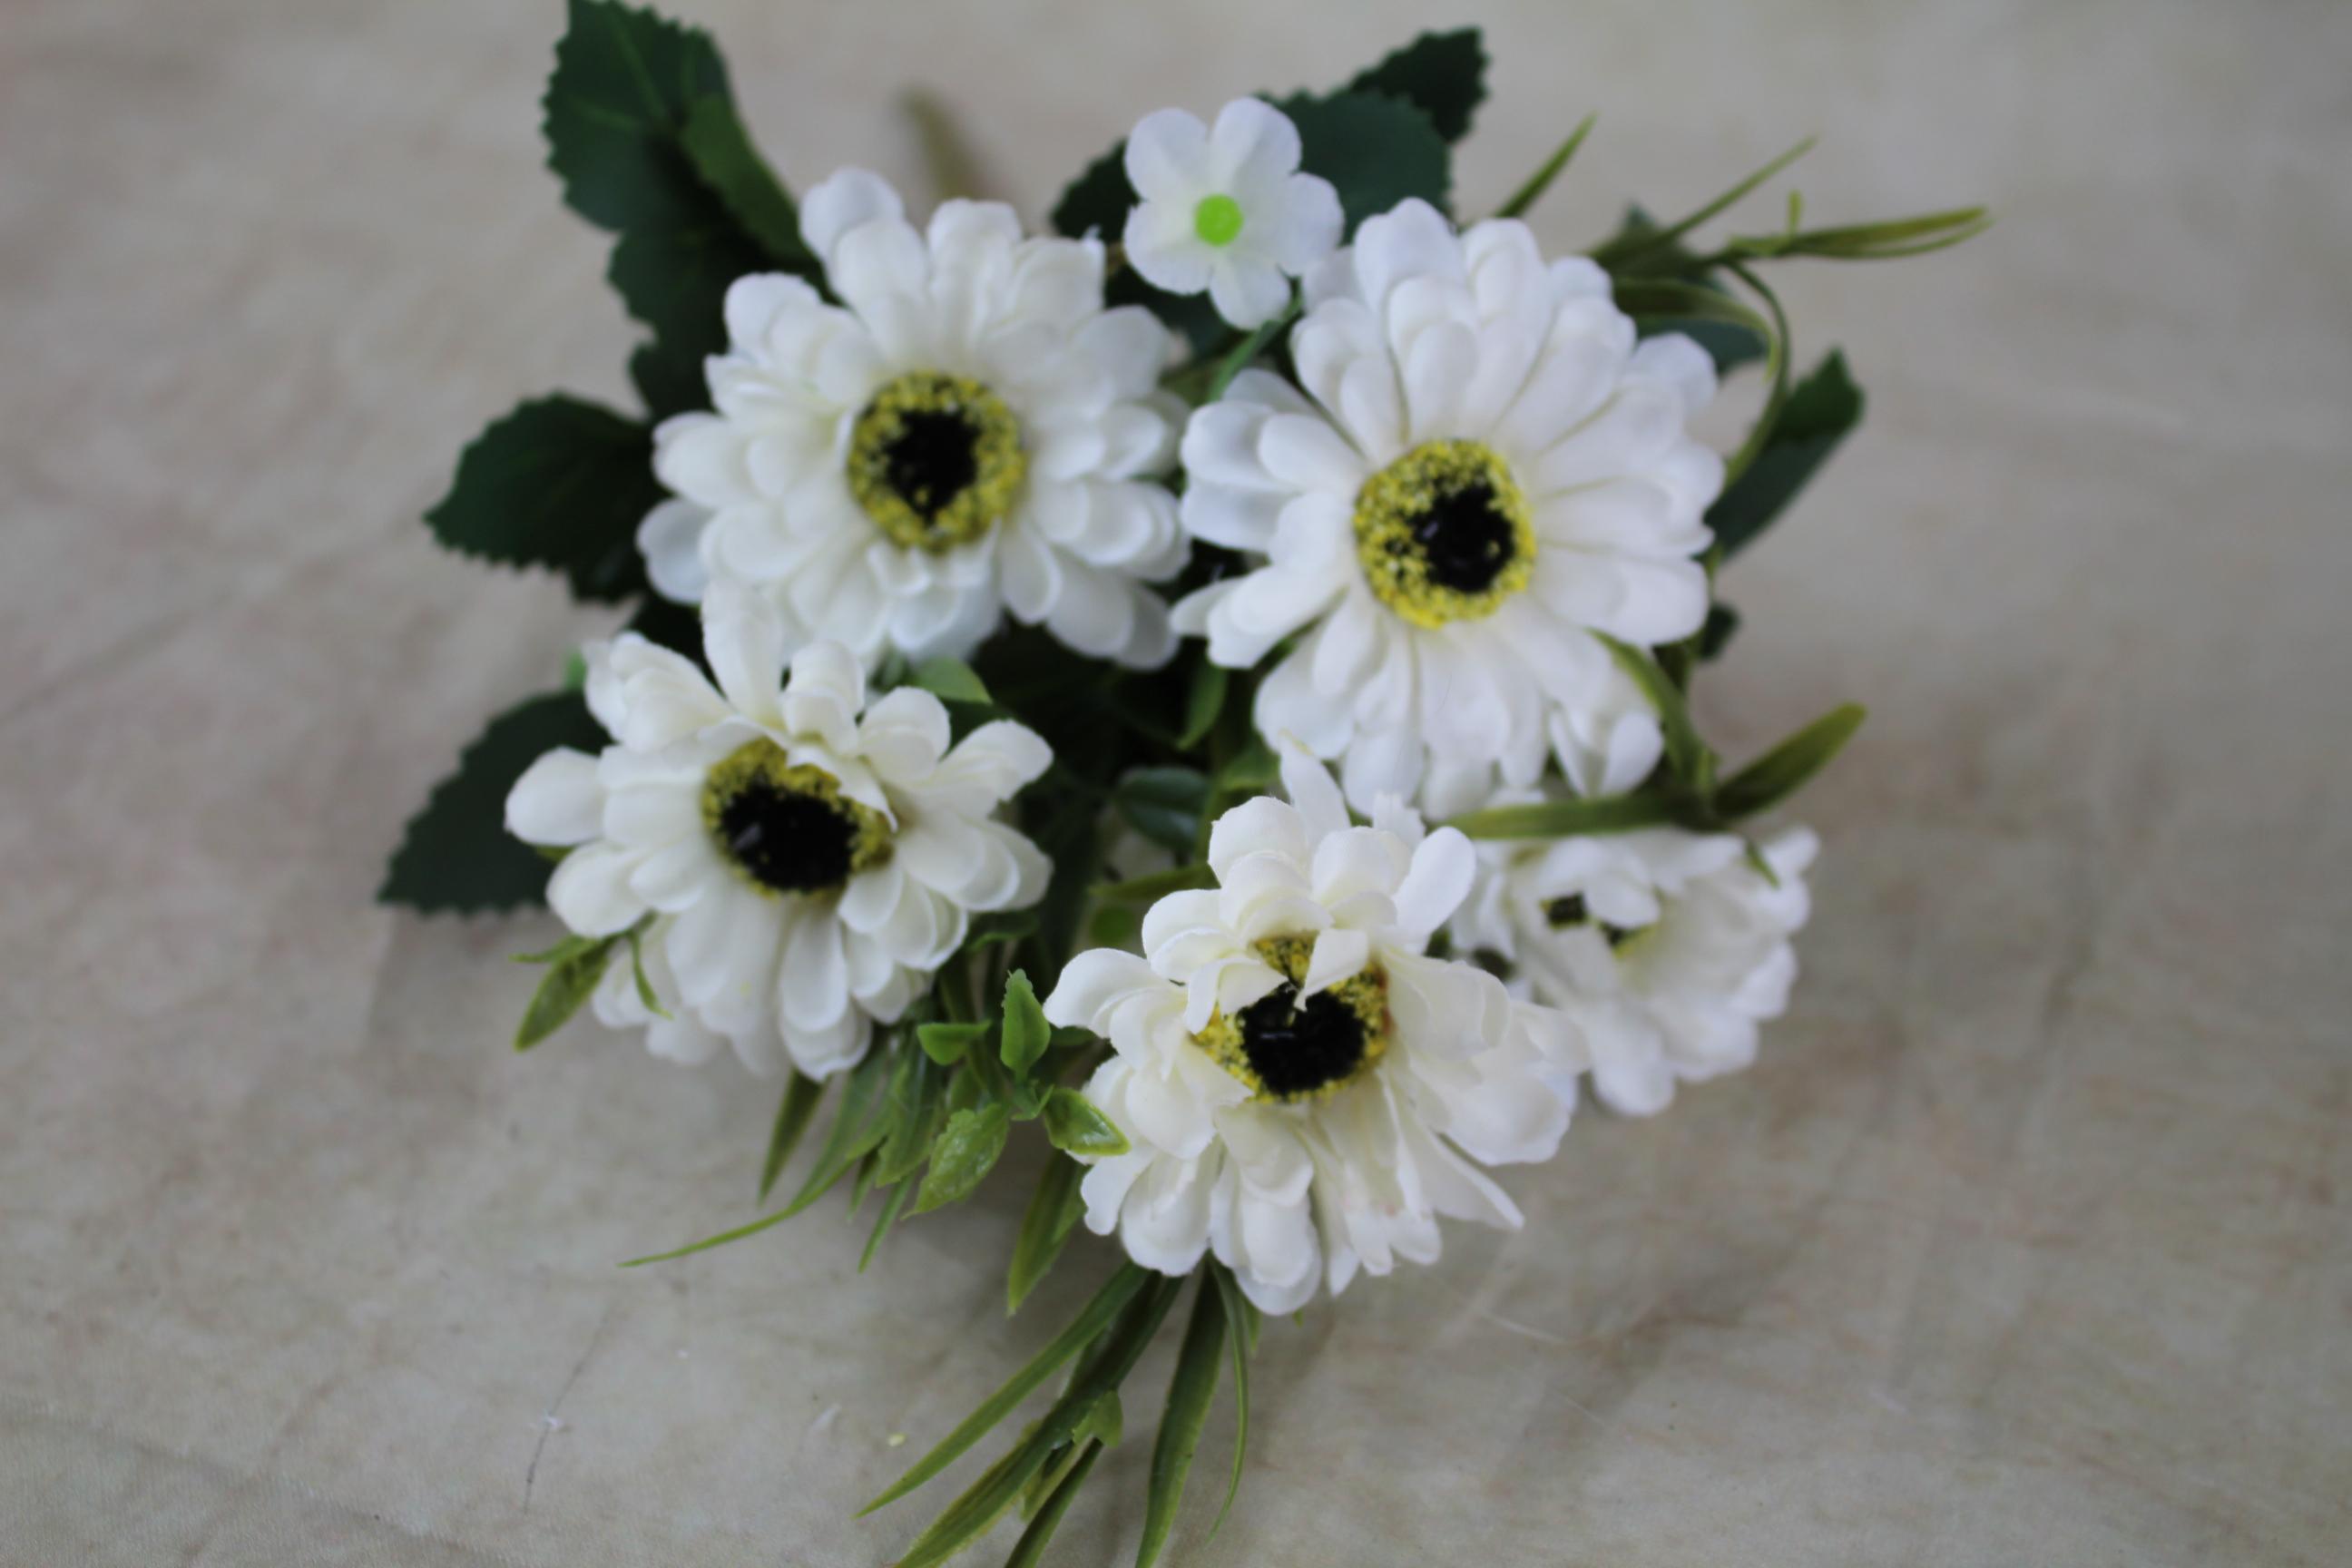 12 x 30cm daisy bush x 7